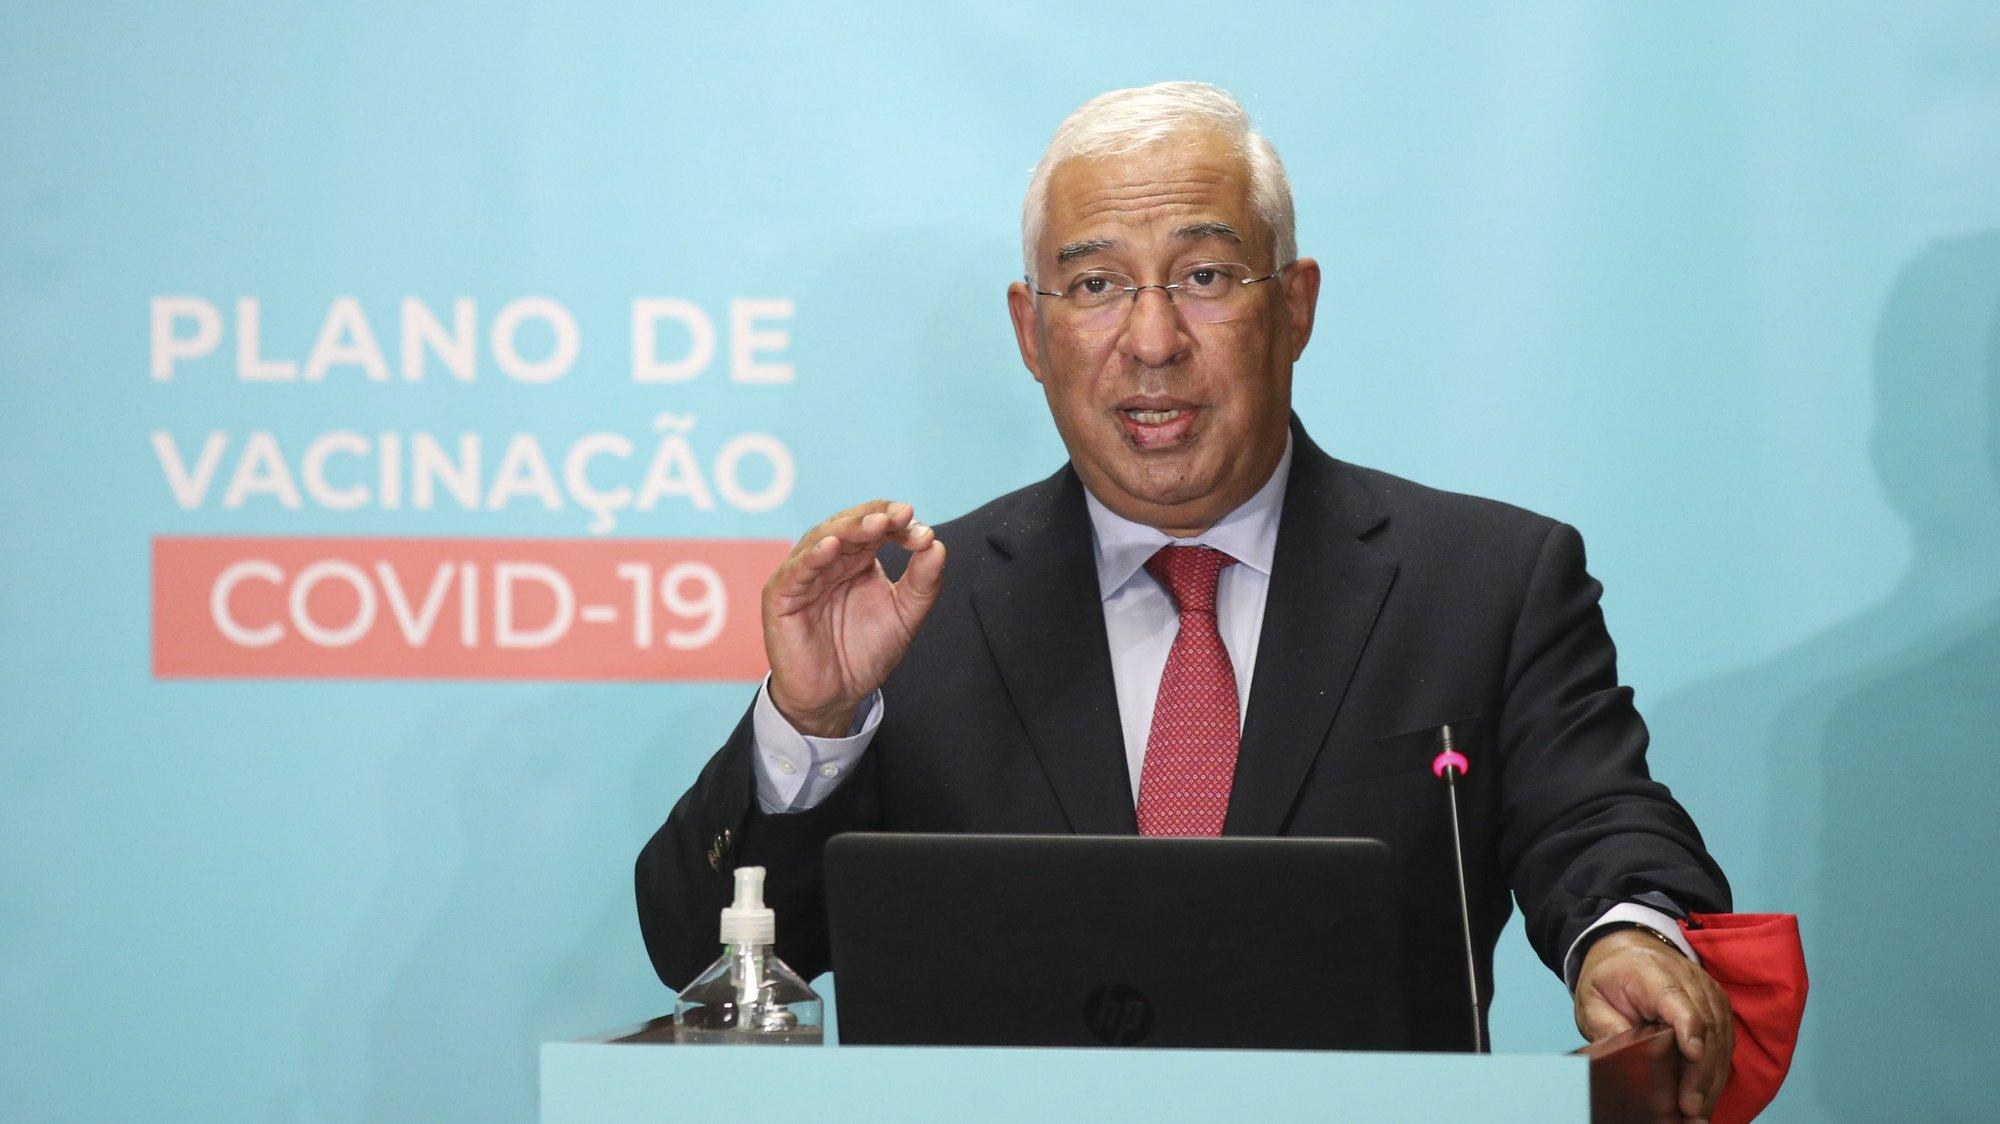 O primeiro-ministro, António Costa, usa da palavra durante a sessão pública de apresentação do Plano de Vacinação de Combate à covid-19, no Infarmed – Autoridade Nacional do Medicamento e Produtos de Saúde, em Lisboa, 03 dezembro de 2020. ANDRÉ KOSTERS/LUSA